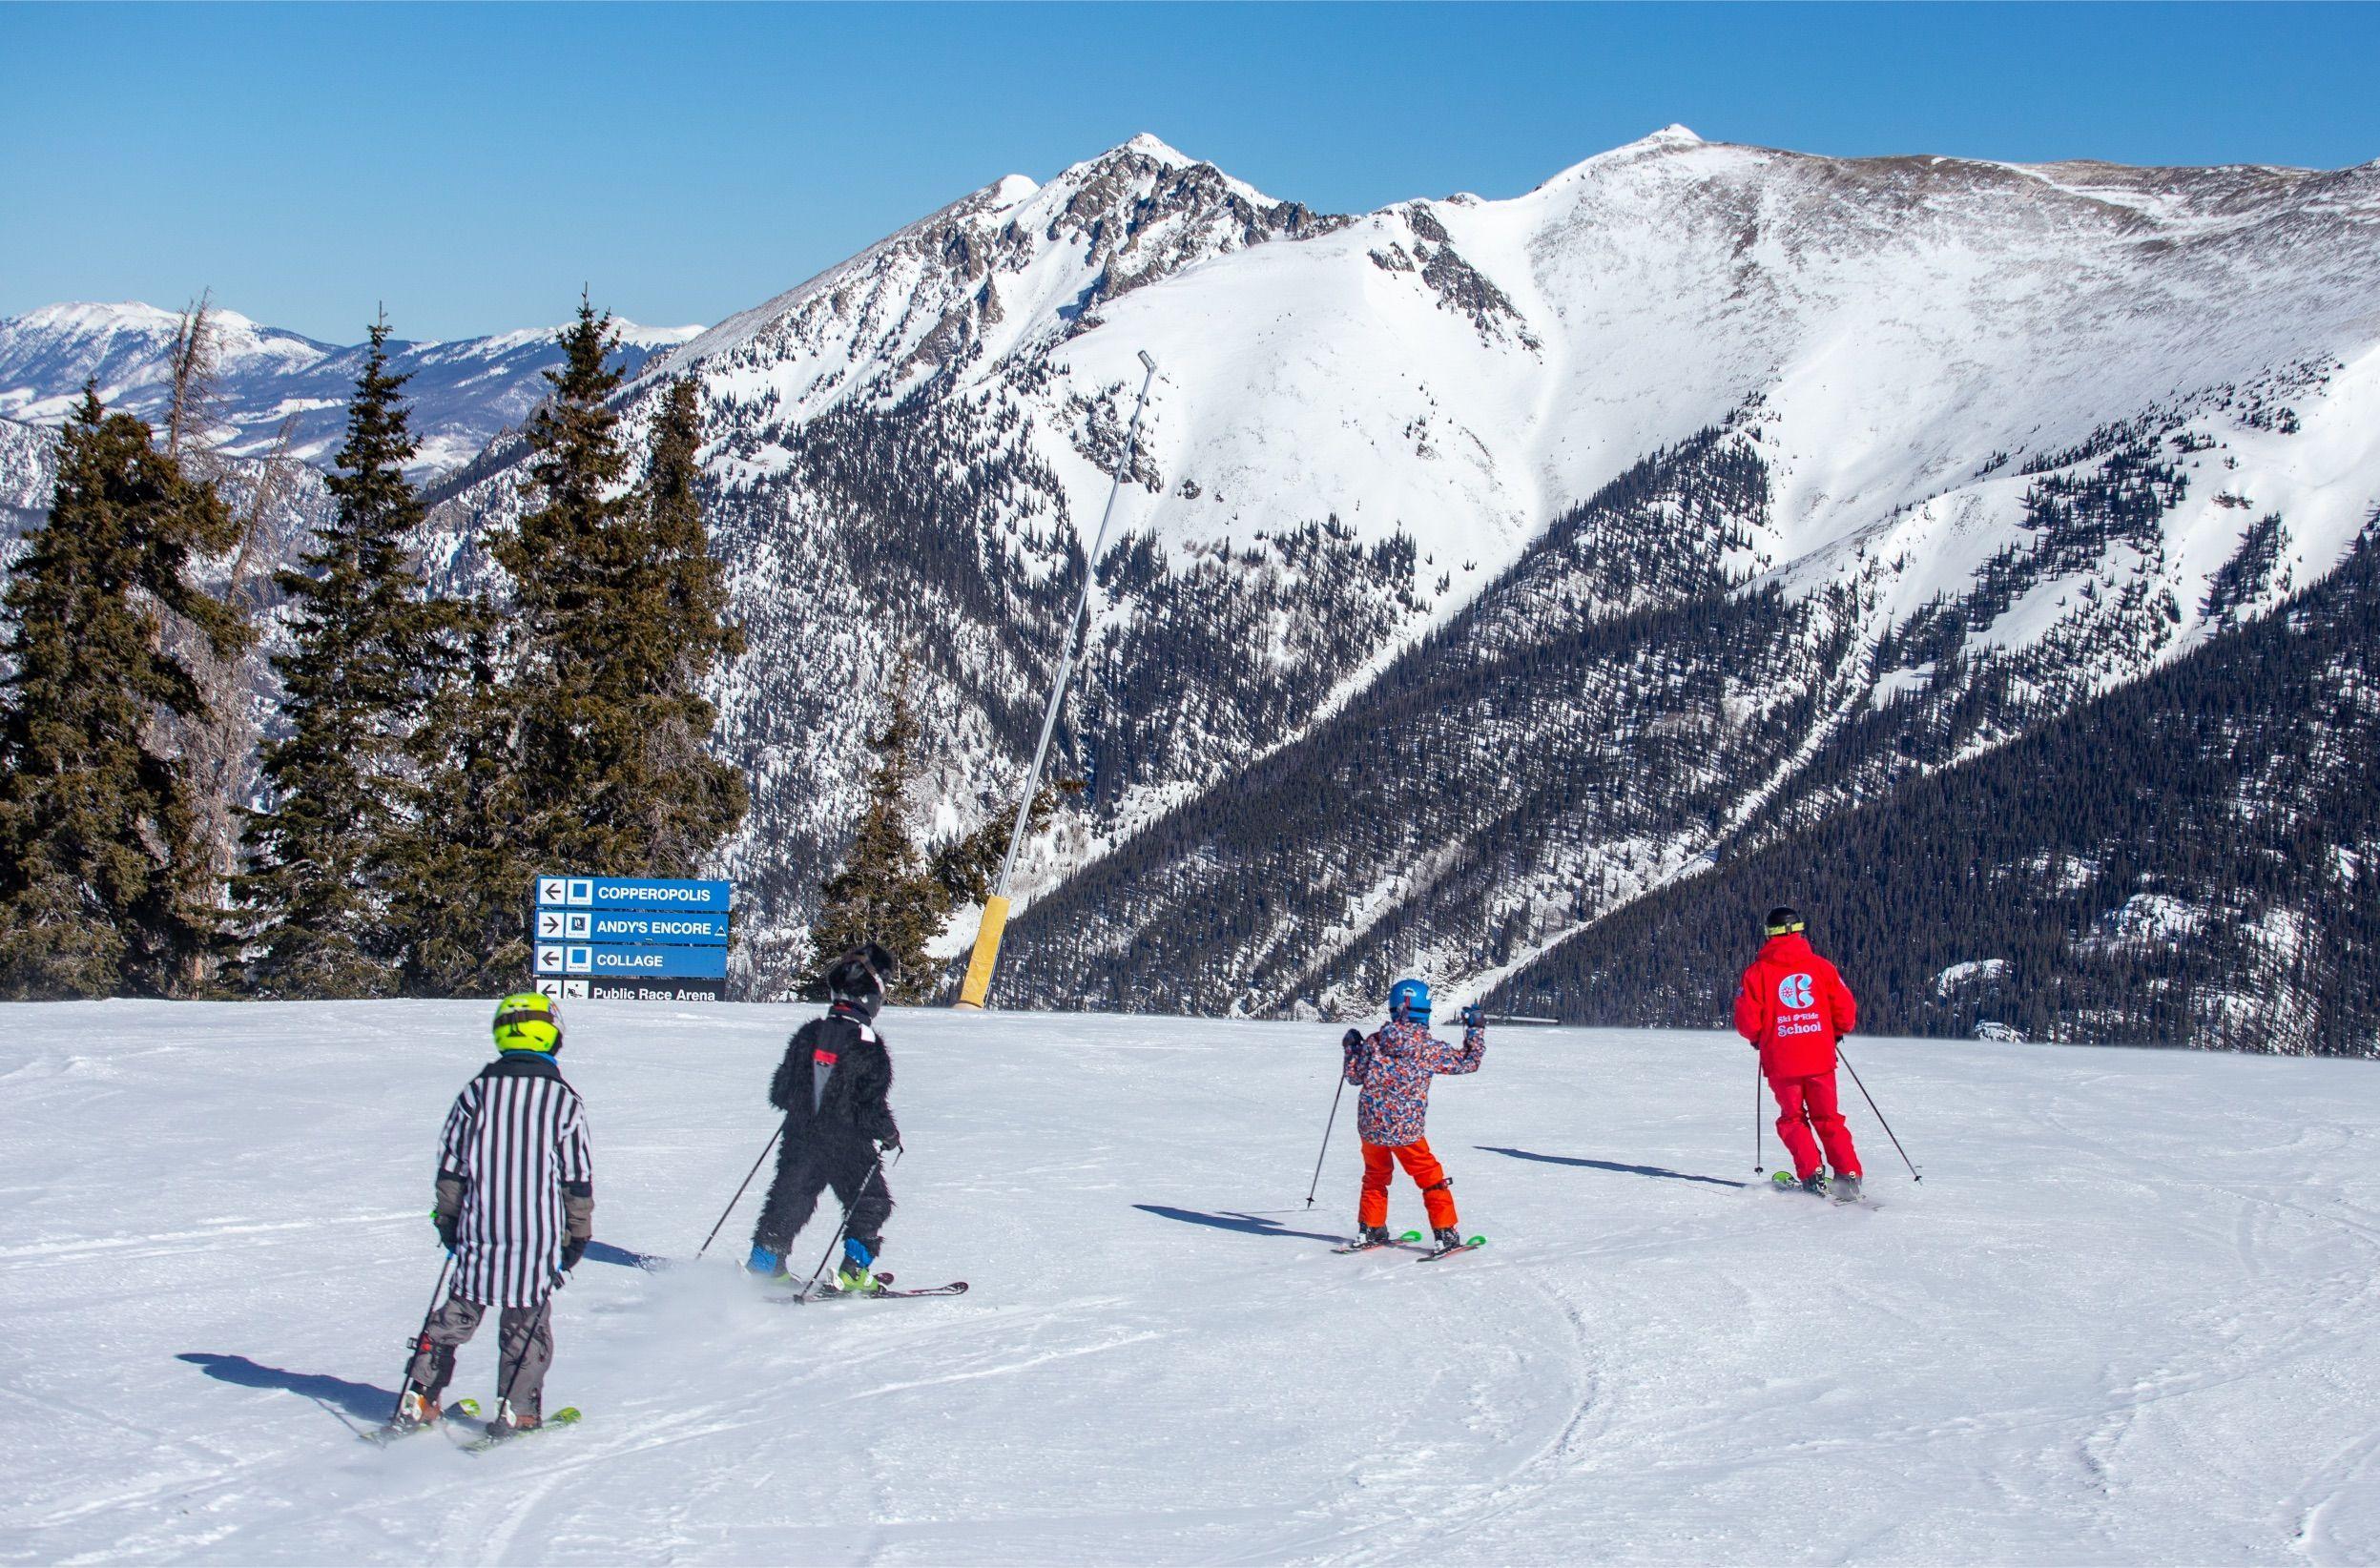 Copper Mountain Snow Trip Ski Season Ski Racing